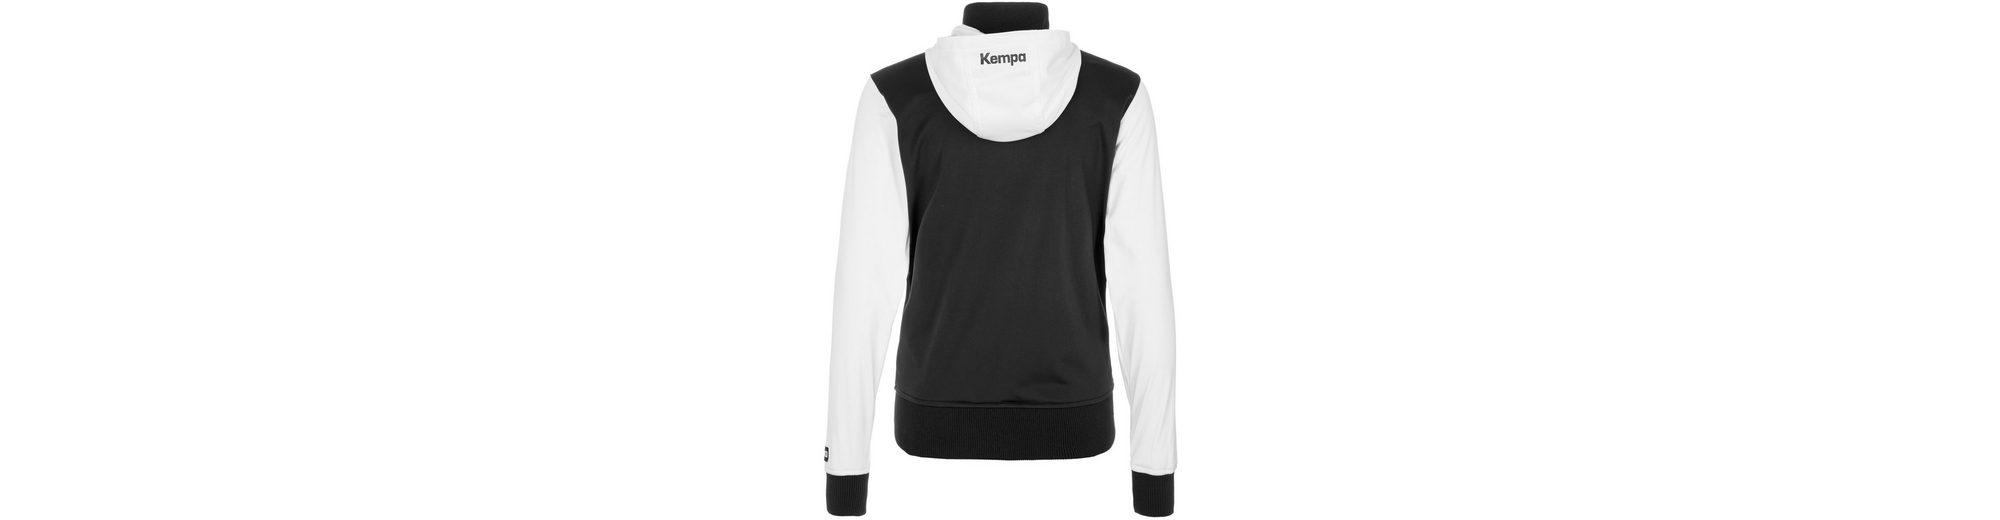 KEMPA Emotion Kapuzenjacke Damen Top-Qualität Zum Verkauf Fabrikpreis Viele Arten Von Zum Verkauf 1tw0r1t